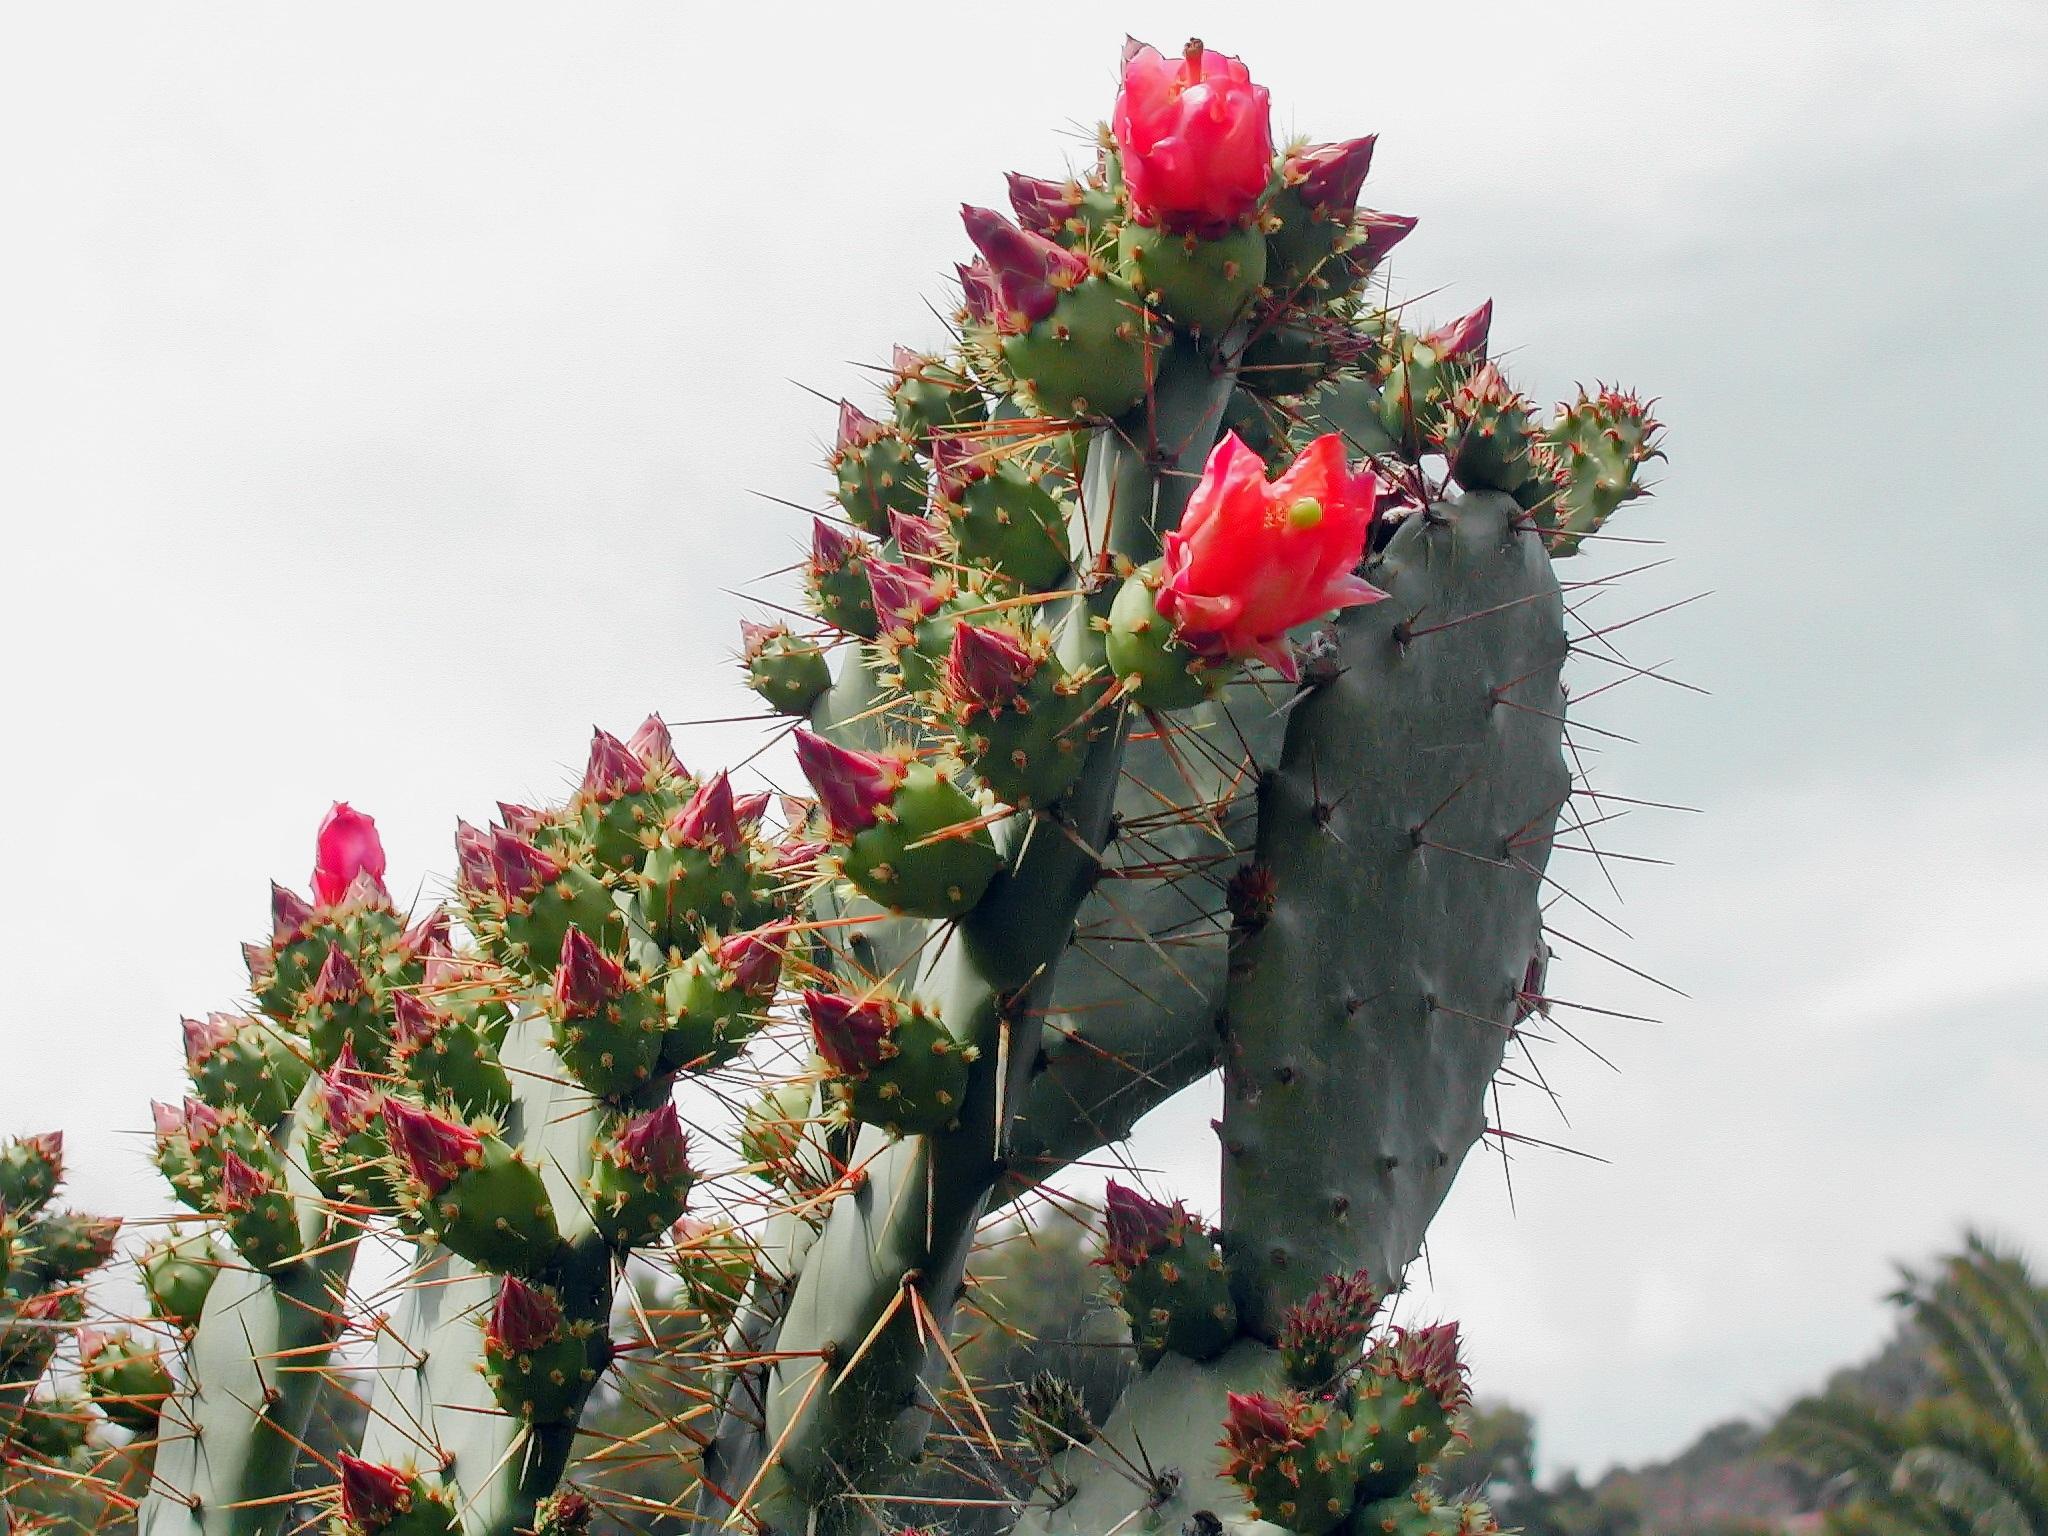 ดอก ต้นกระบองเพชร ปลูก ใบไม้ ดอกไม้ สีแดง พฤกษศาสตร์ พืช ดอกไม้ป่า ดอกไม้  ไม้พุ่ม หนาม